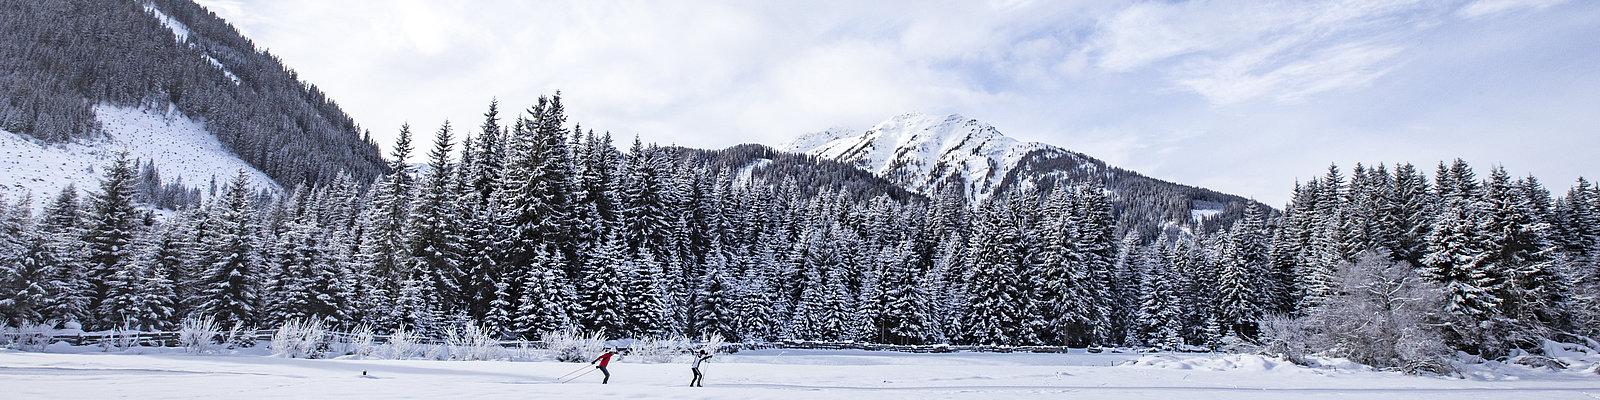 Langlauf Obertilliach ©Berg im Bild (TVB Osttirol)